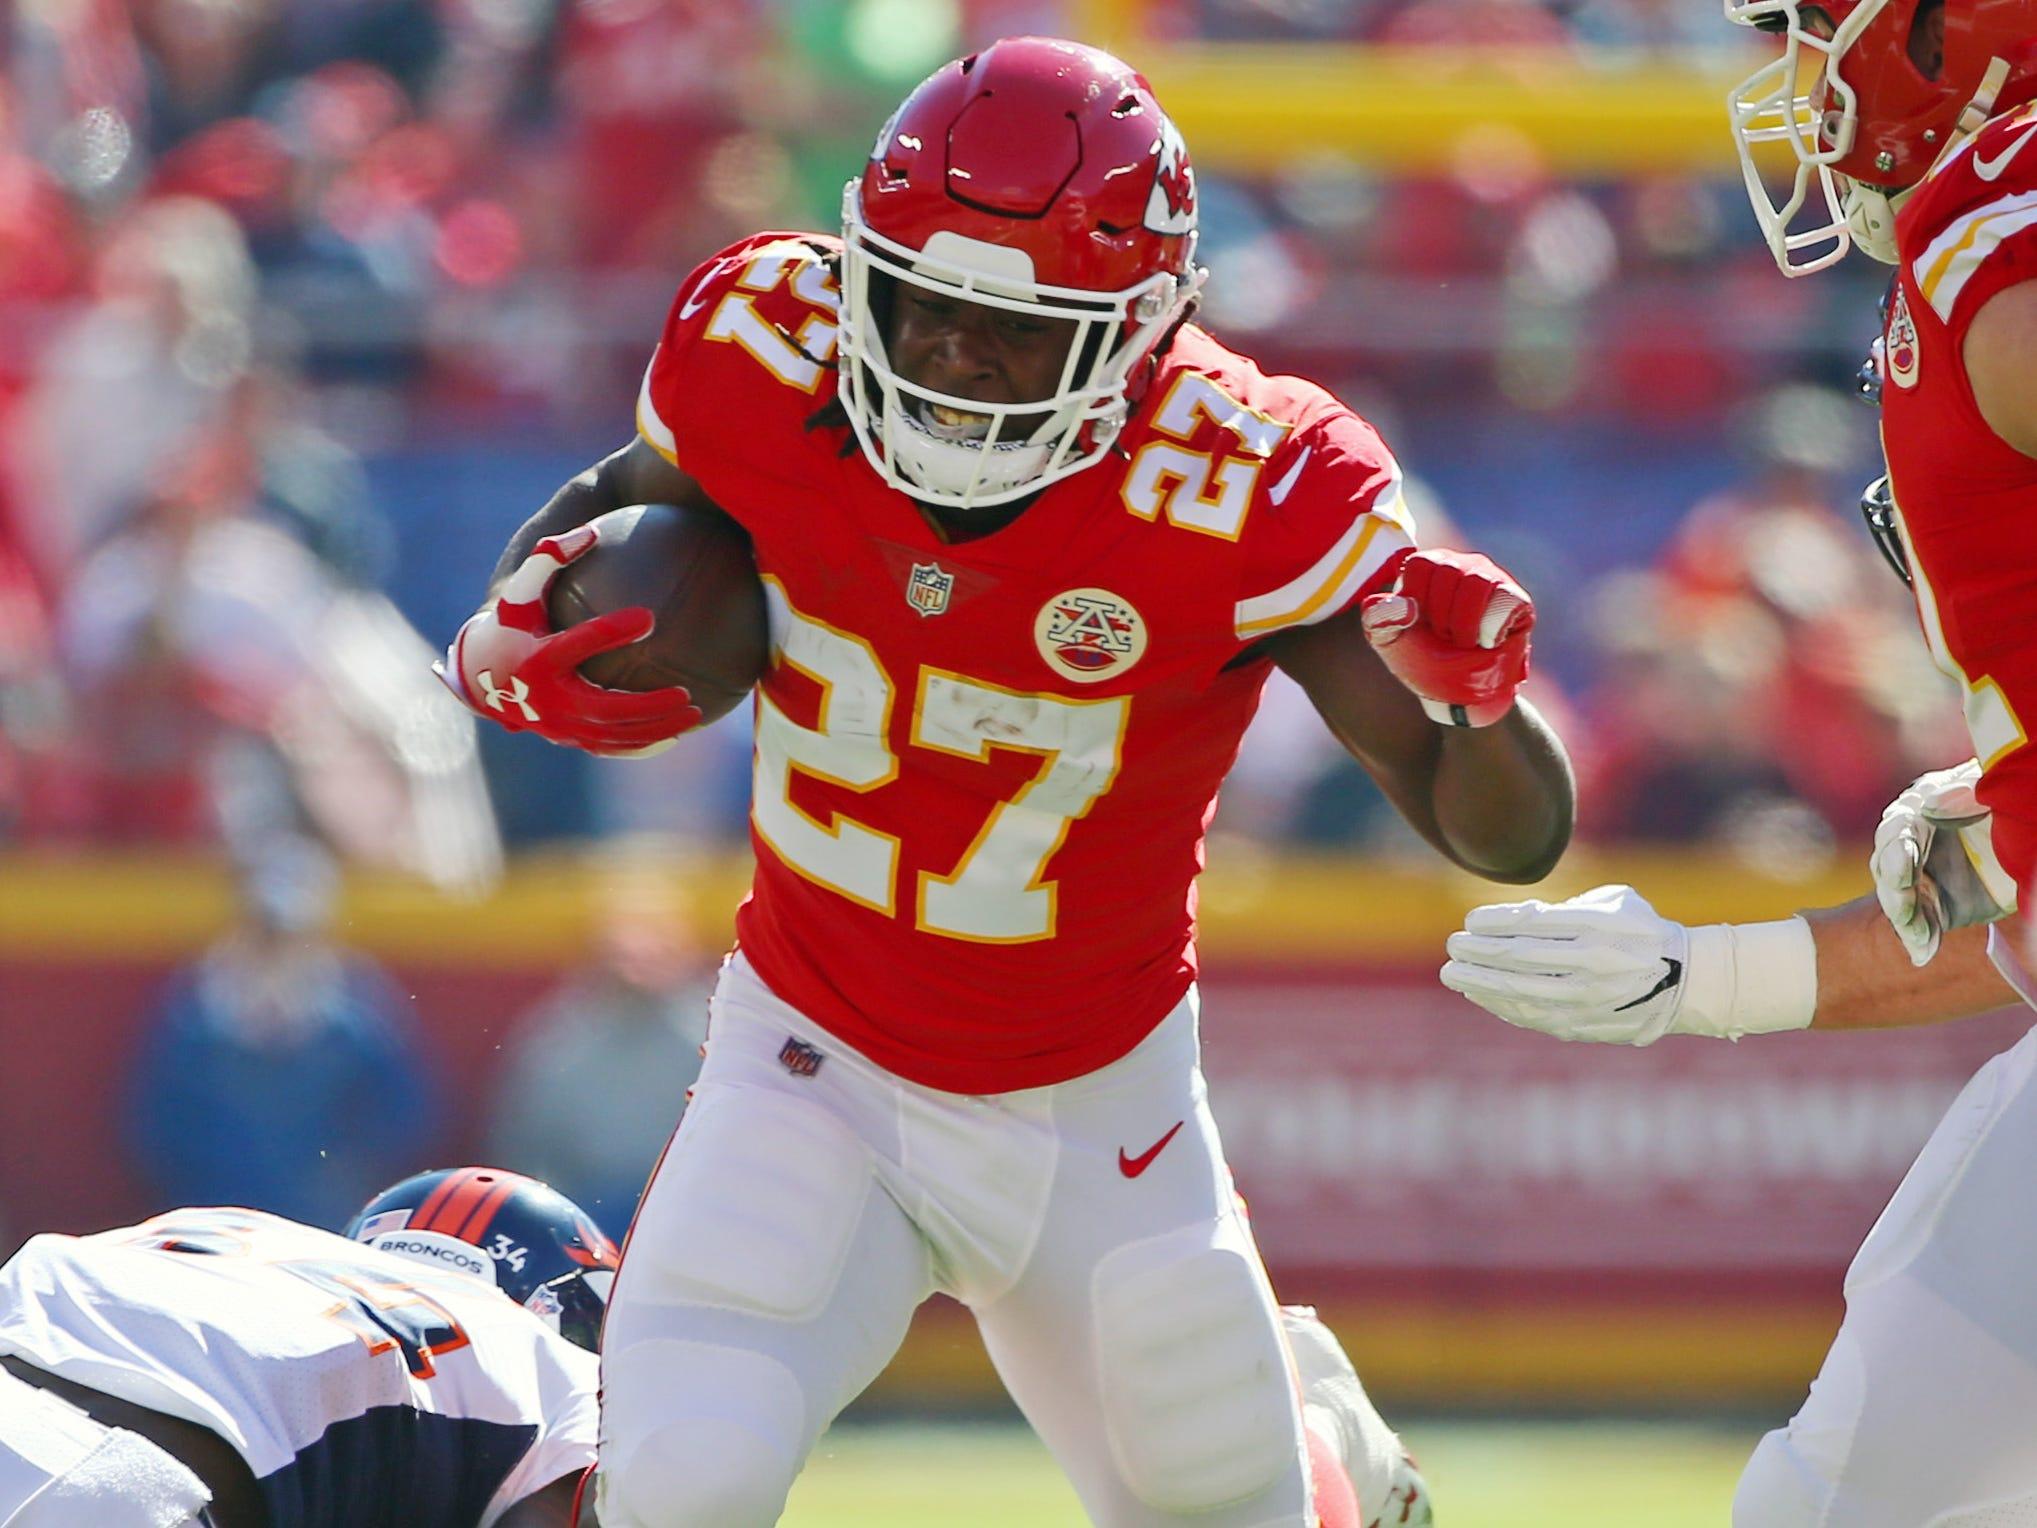 Chiefs running back Kareem Hunt